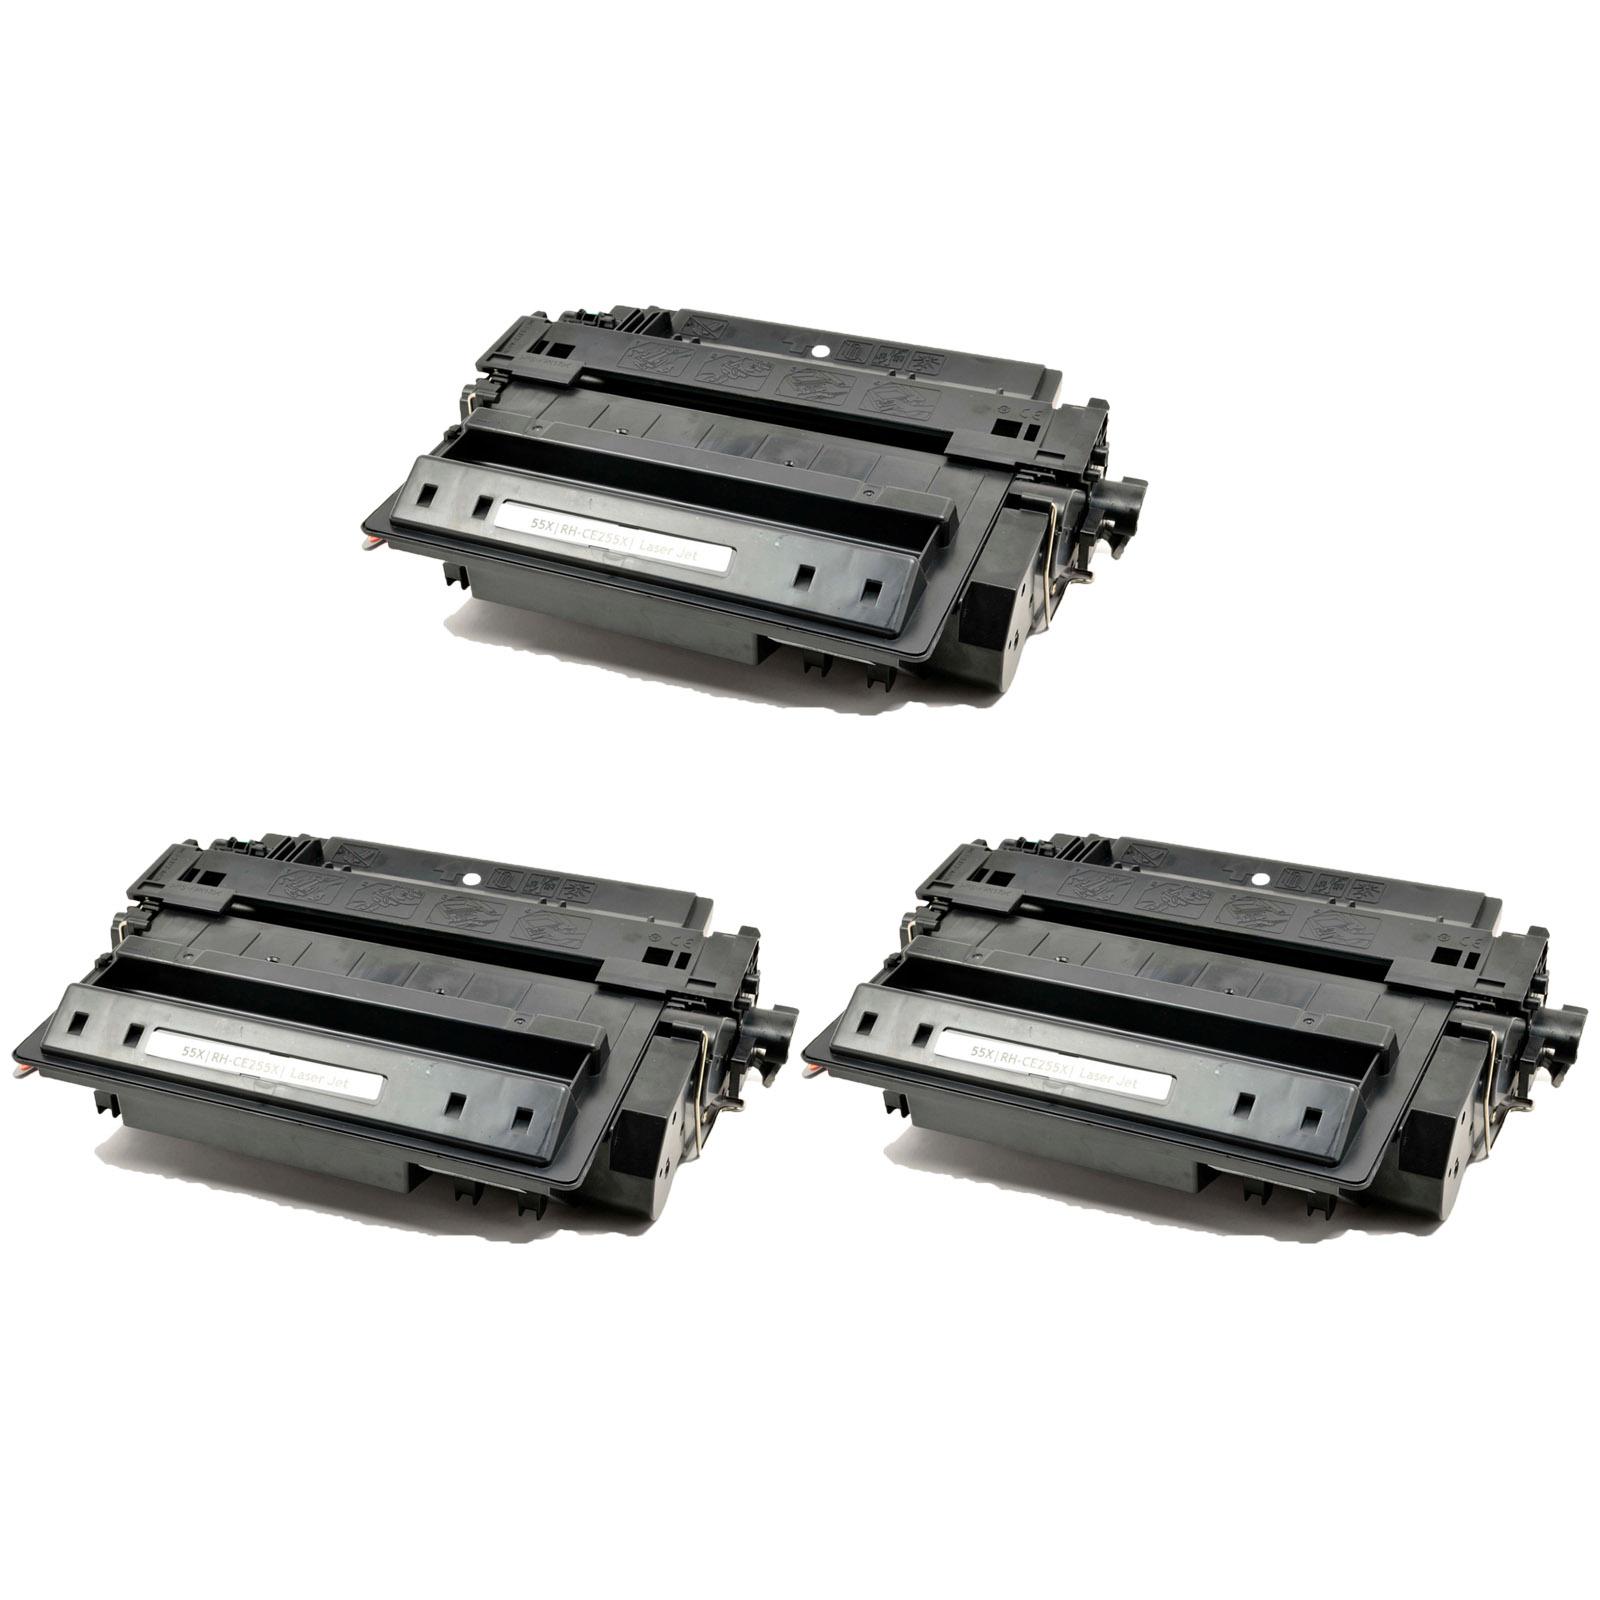 3pk CE255A Black Toner Cartridge for HP LaserJet Enterprise P3010 P3015 P3016